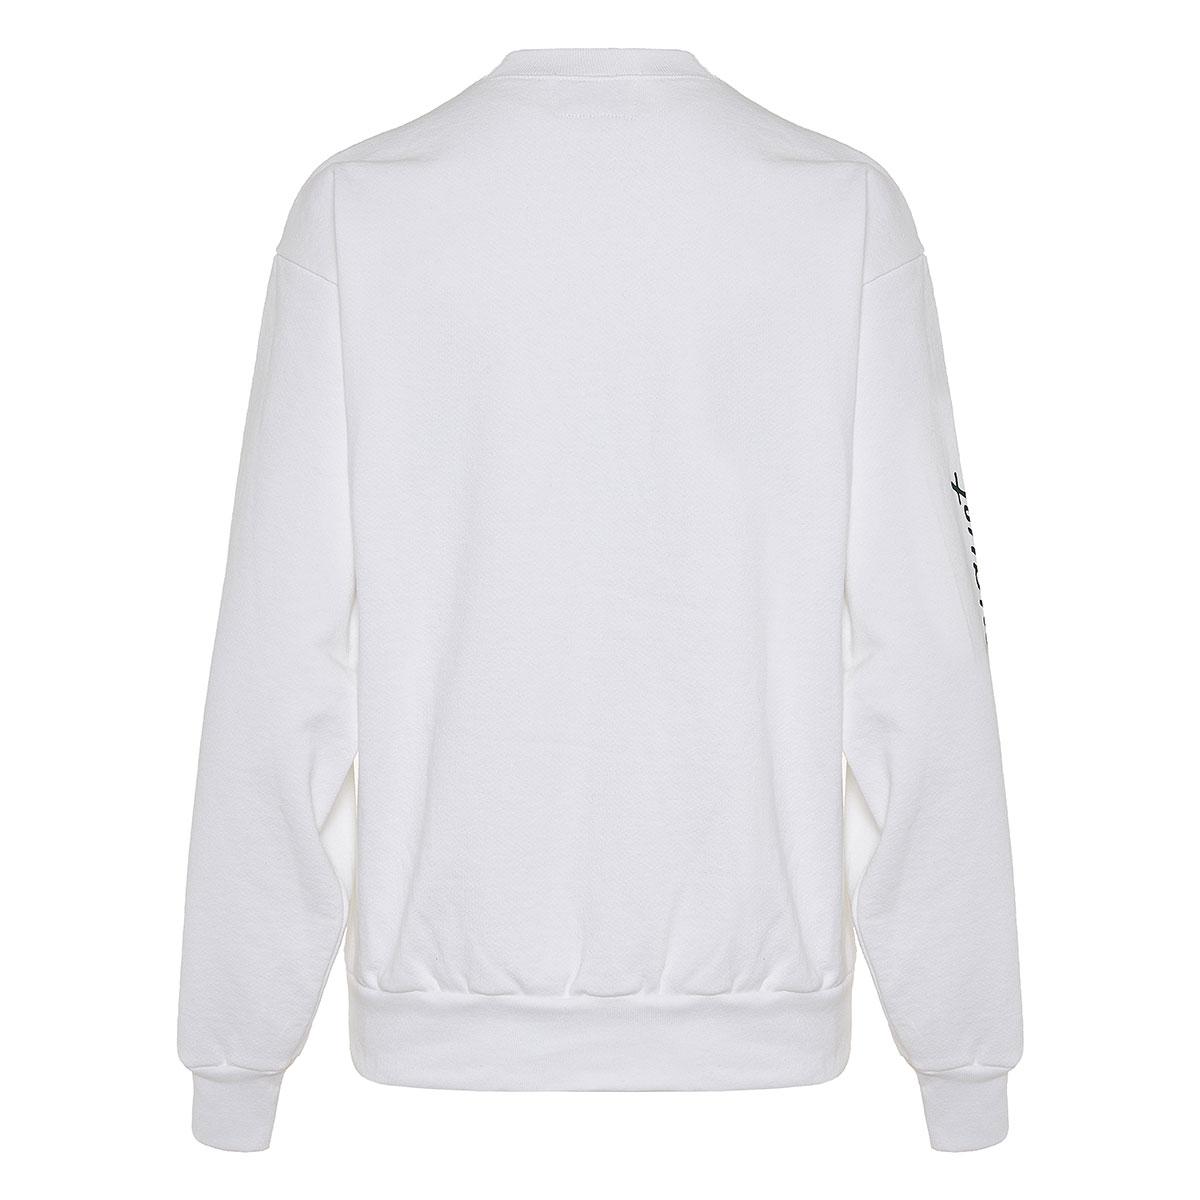 Muscle beach fleece sweatshirt